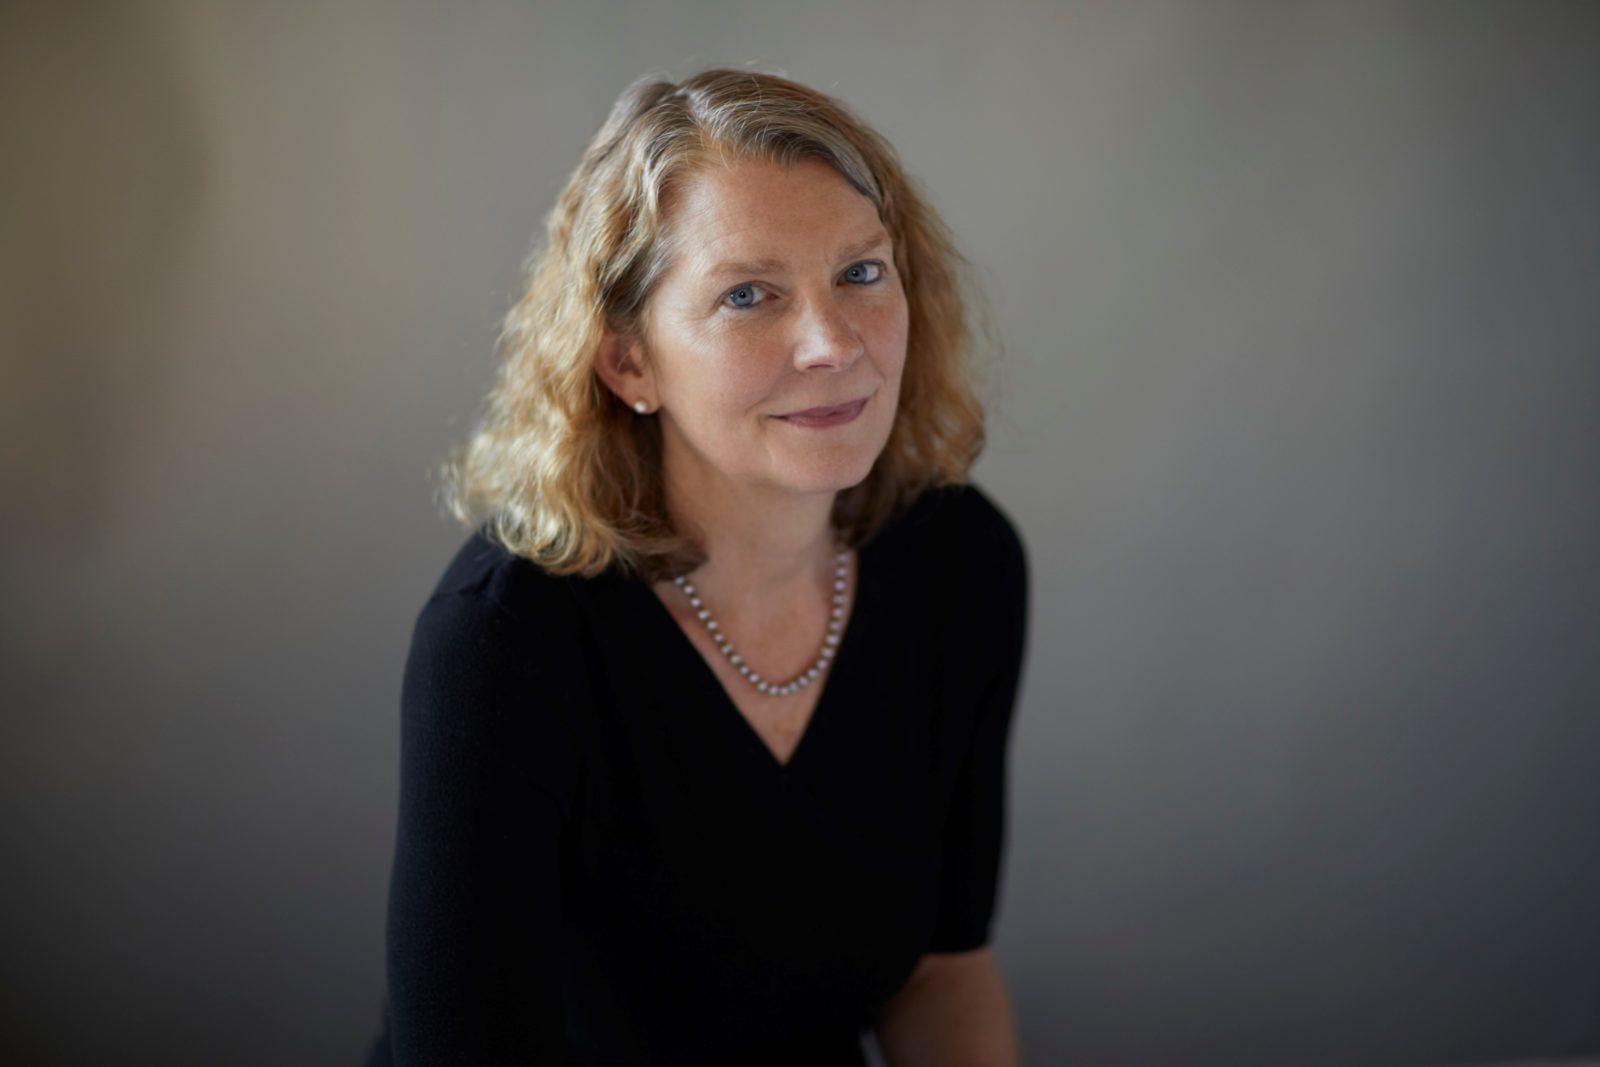 Author Photo - Jenny McPhee - Carla Cain-Walther